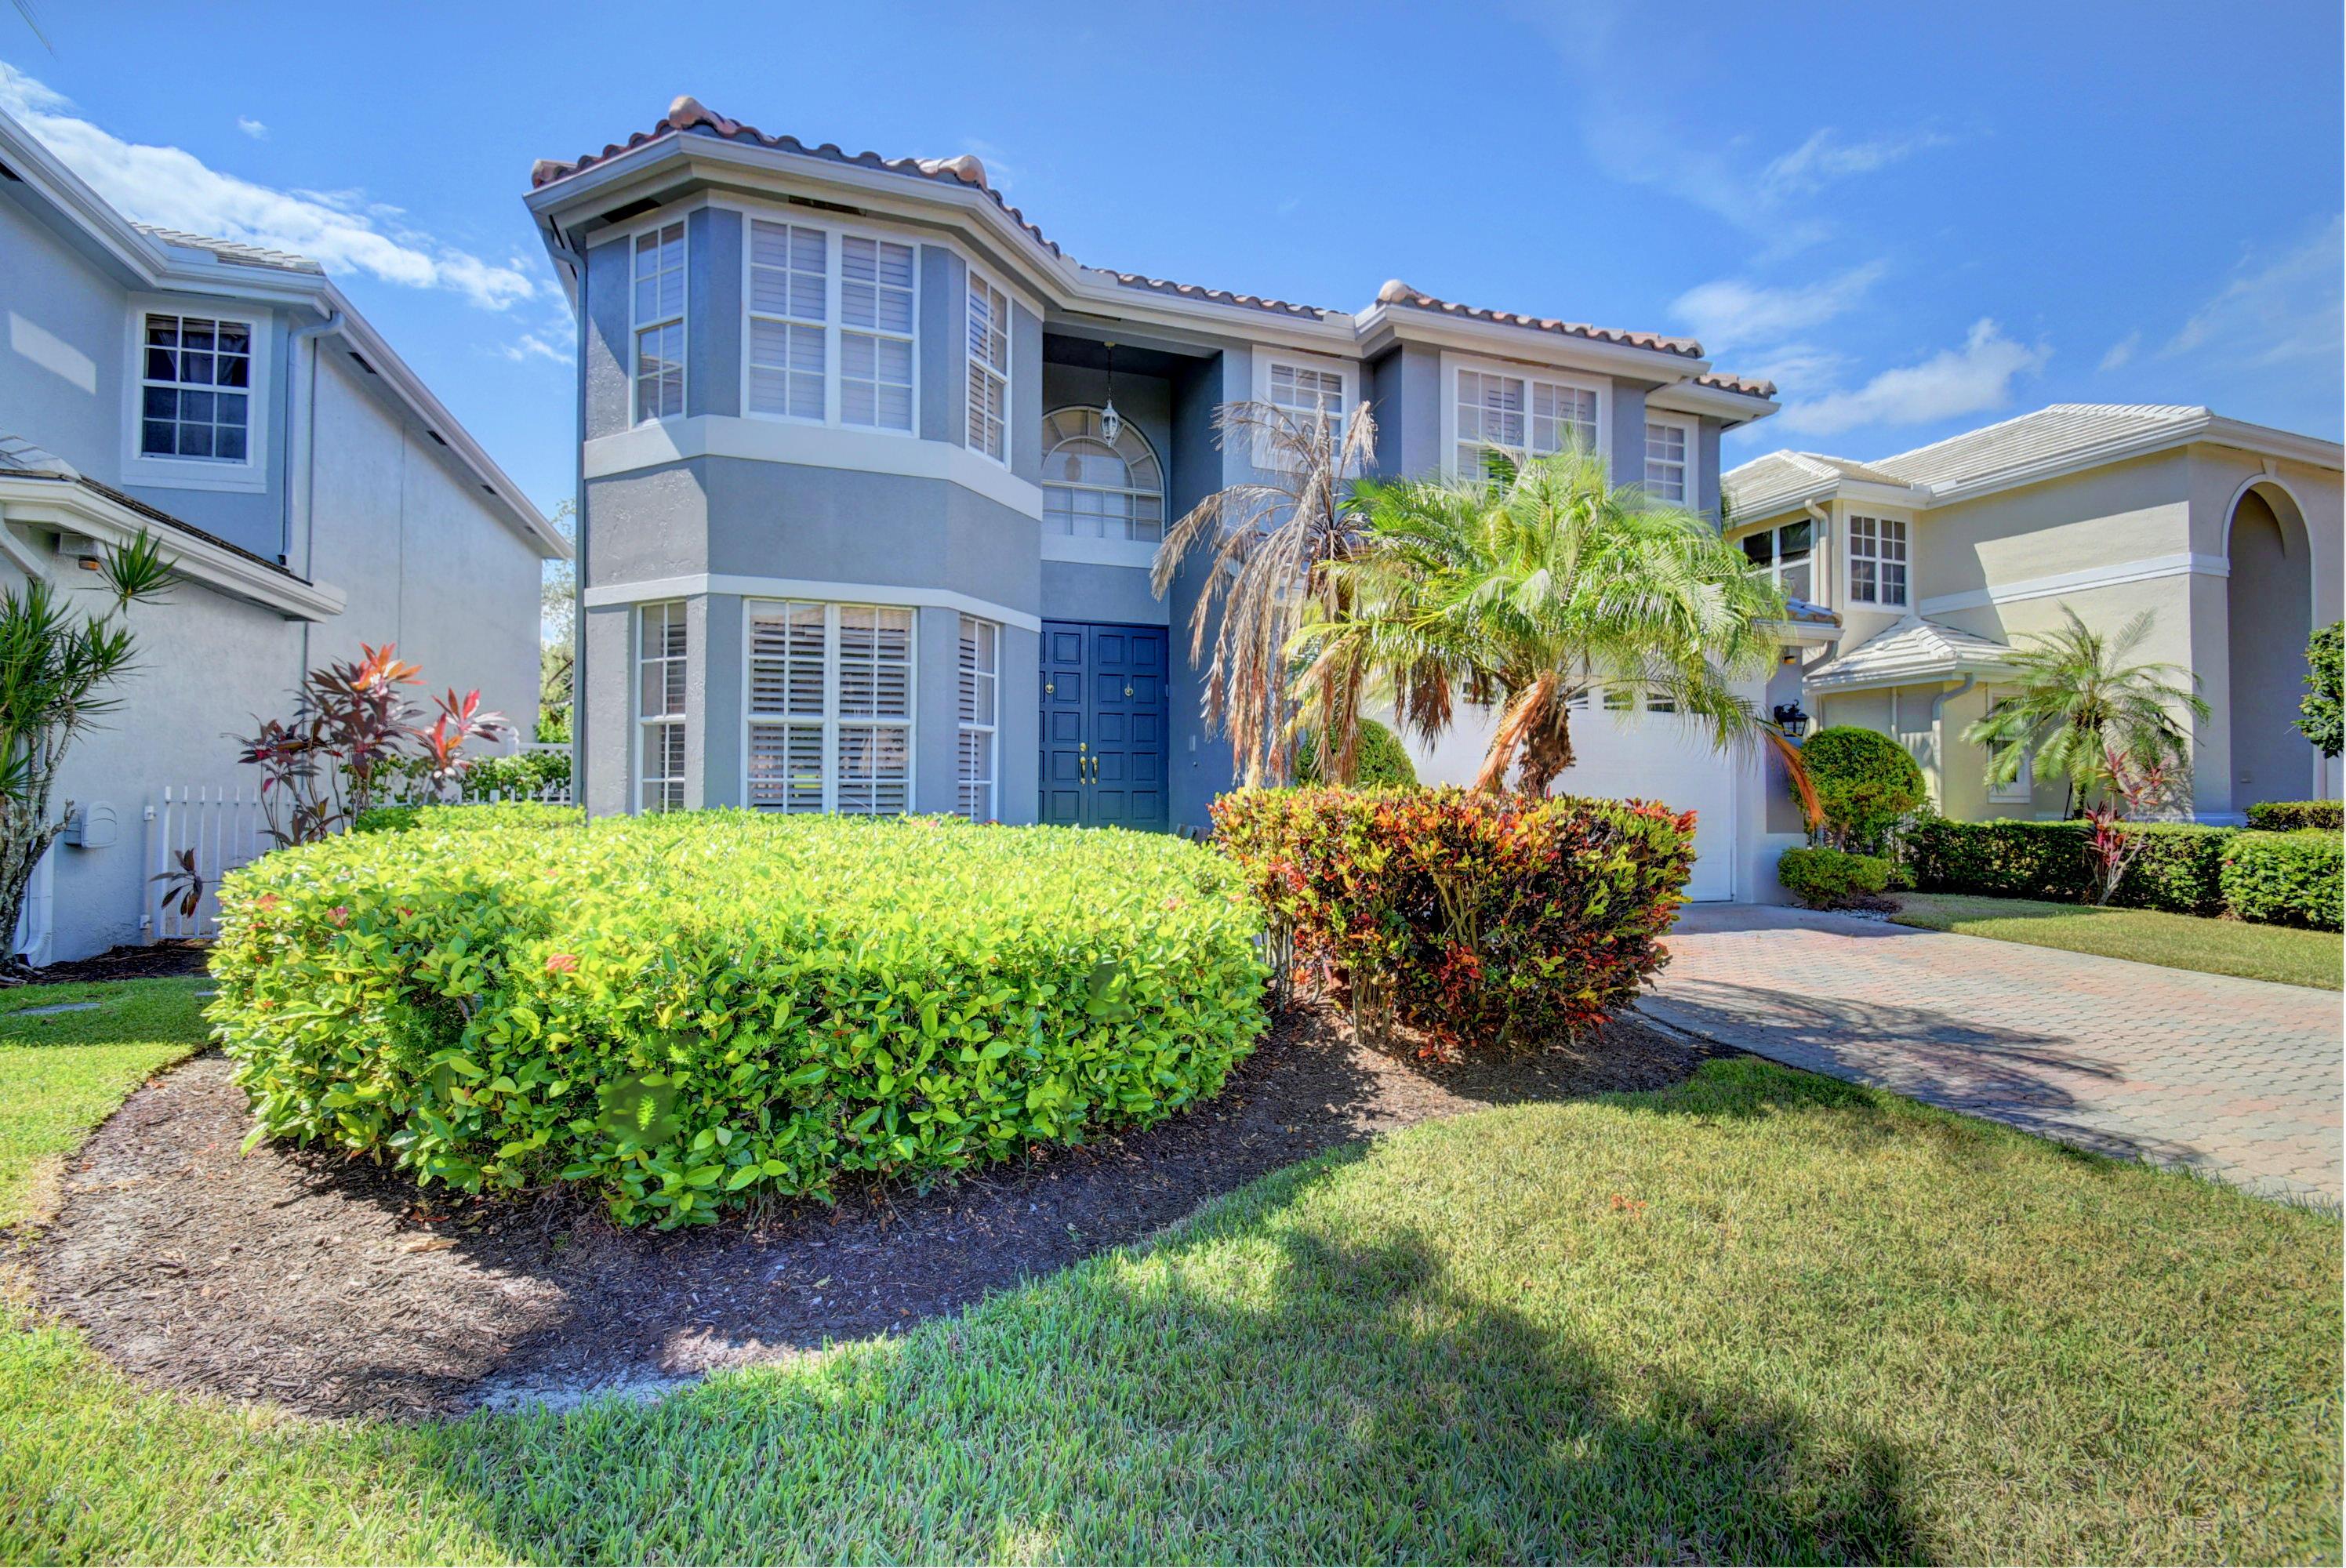 4145 Nw 58th Lane Boca Raton, FL 33496